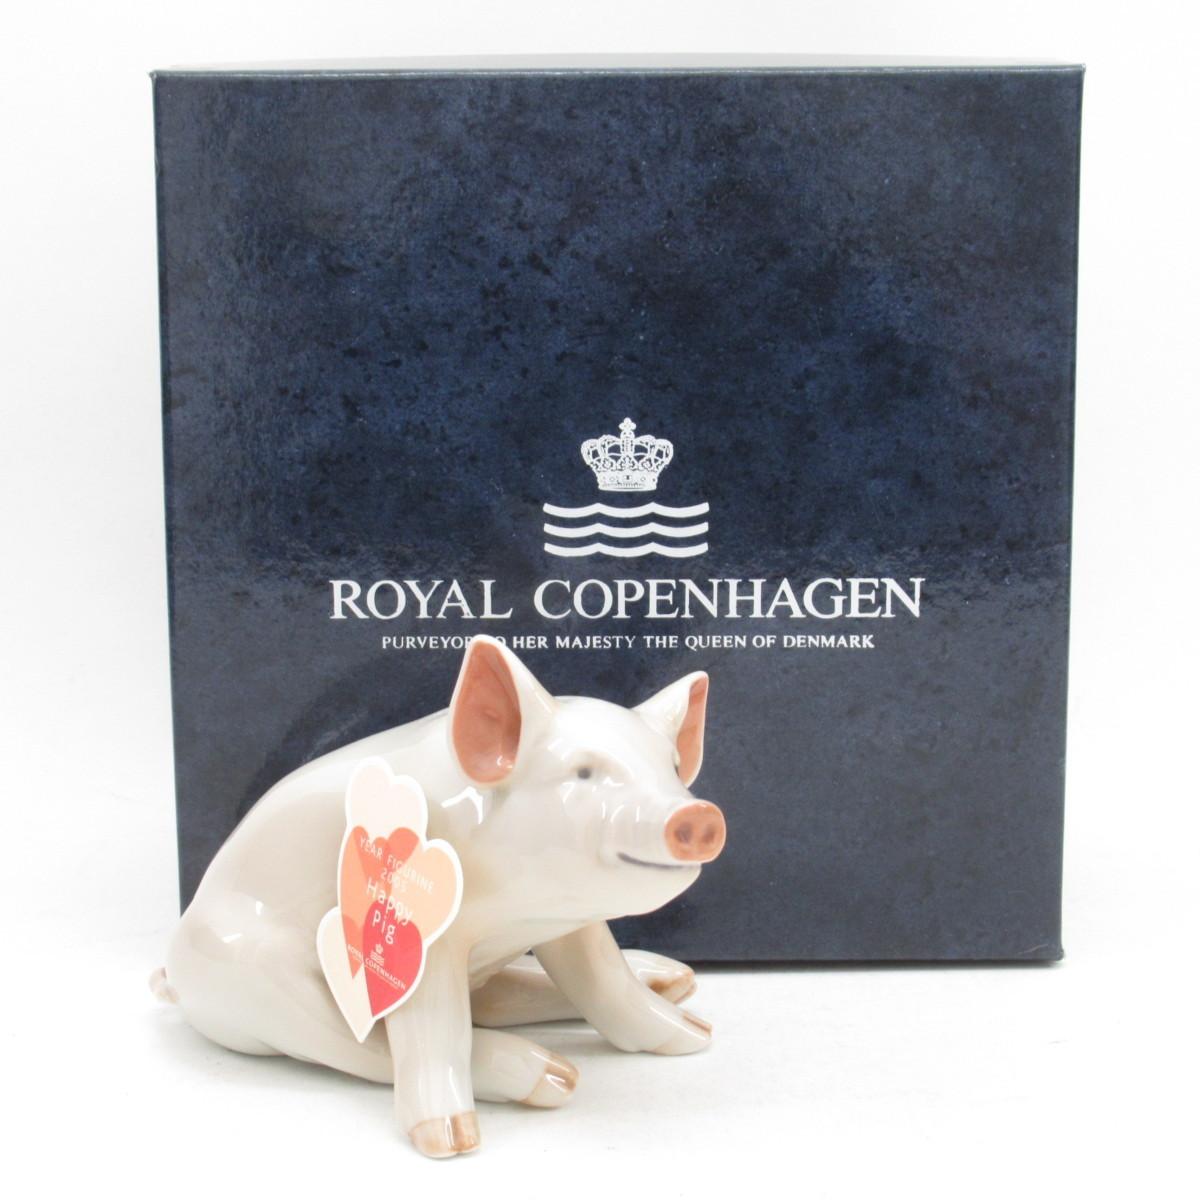 1円~ ロイヤルコペンハーゲン 2005年 ハッピーピッグ イヤーフィギュリン 箱付き 置物/豚/Royal Copenhagen o118oyfu-1102025【O商品】